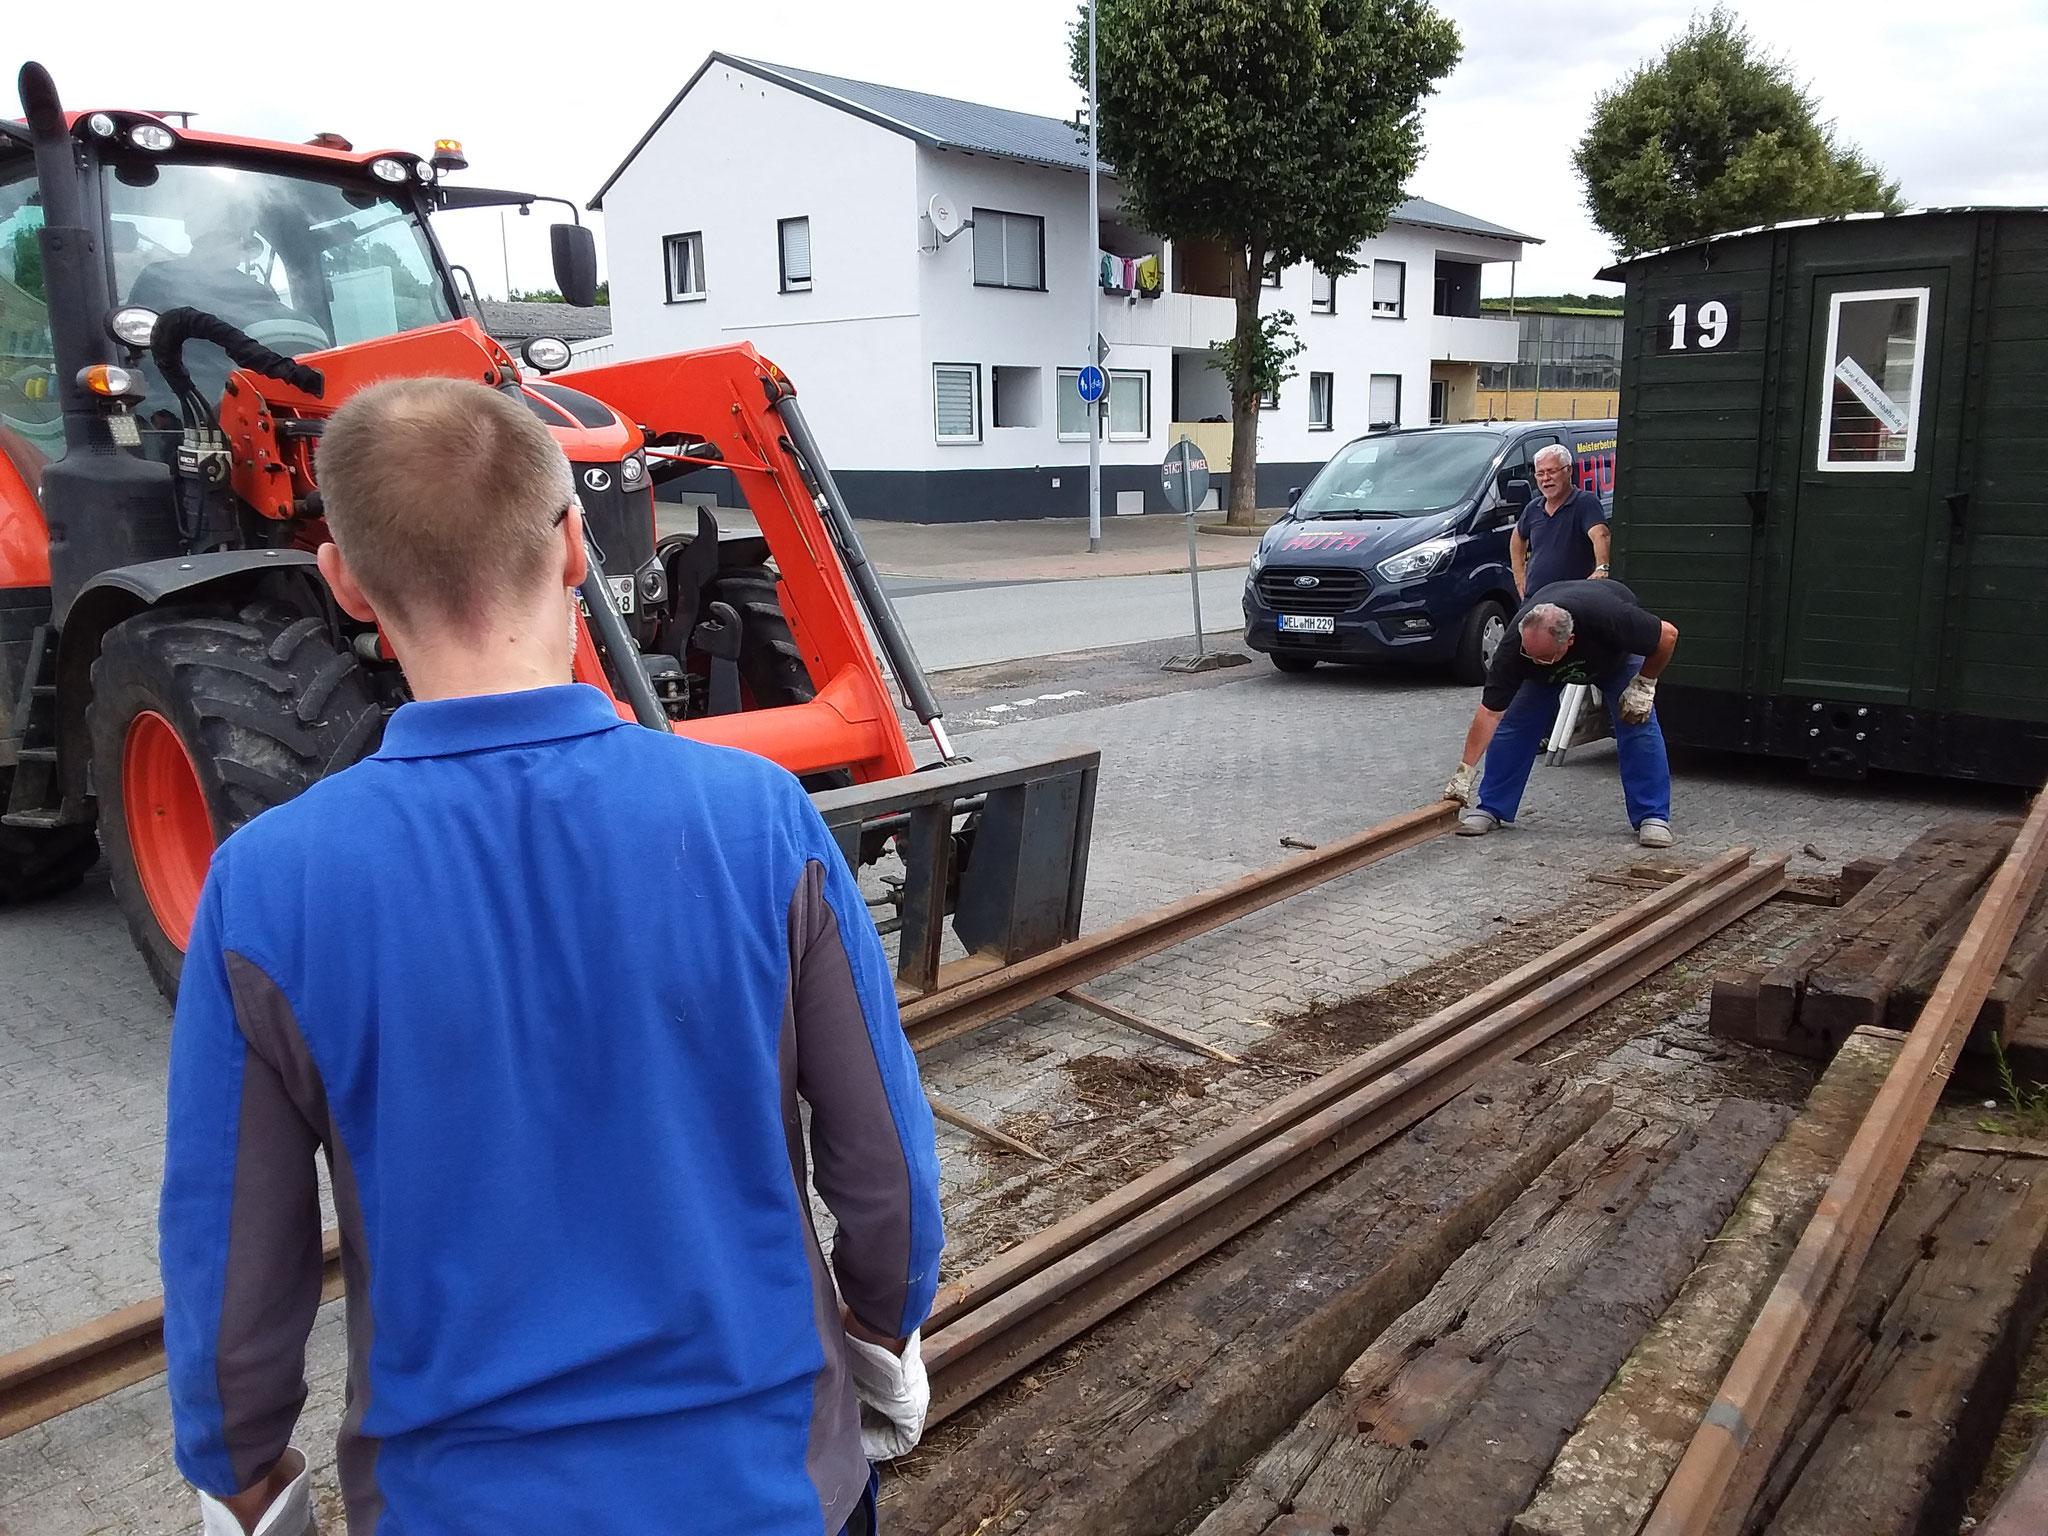 Samstag den 14.08.21 Kasu läd, mit der Ladegabel seines Traktors die Schweren Schienen